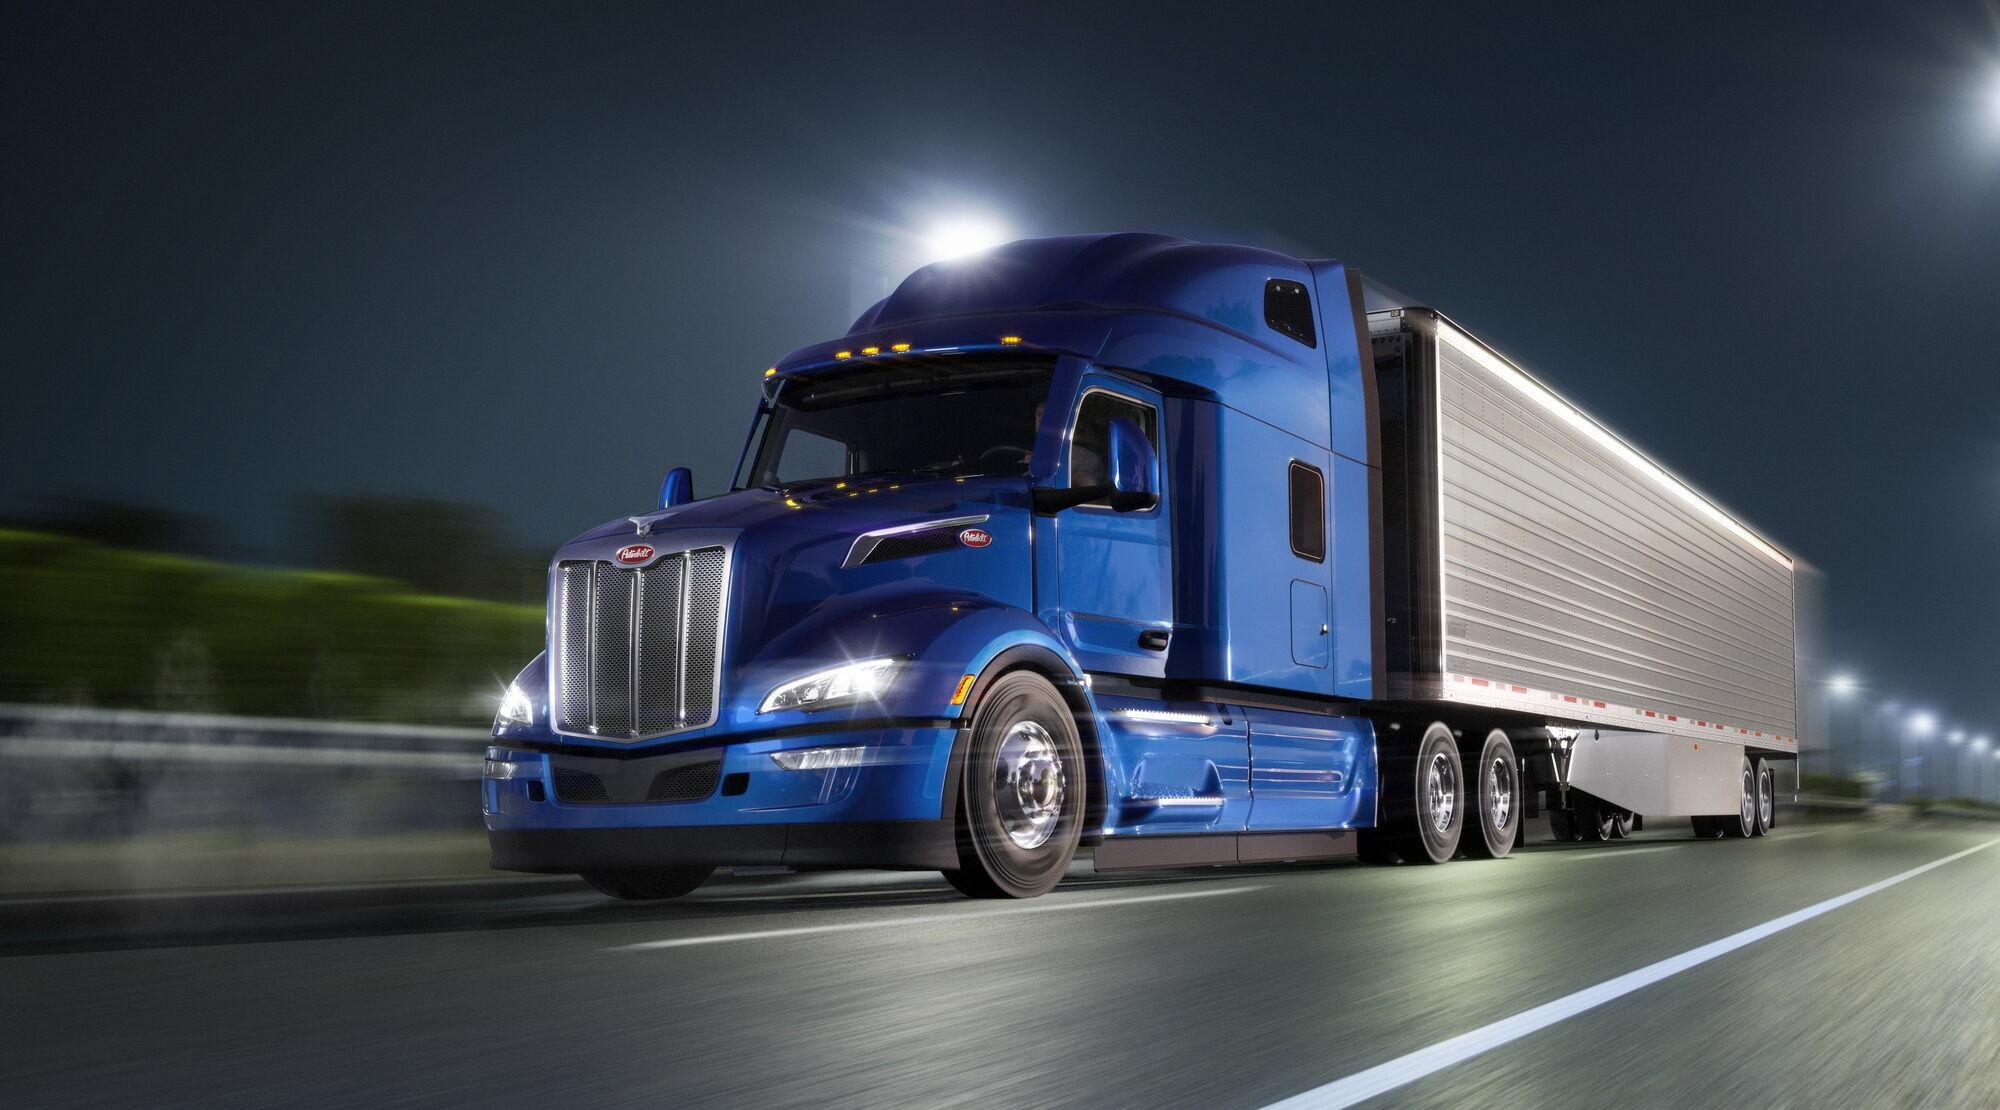 Автомобиль получил новые, более эффективные светодиодные фары и комплект из 4 монофункциональных противотуманных LED-фар